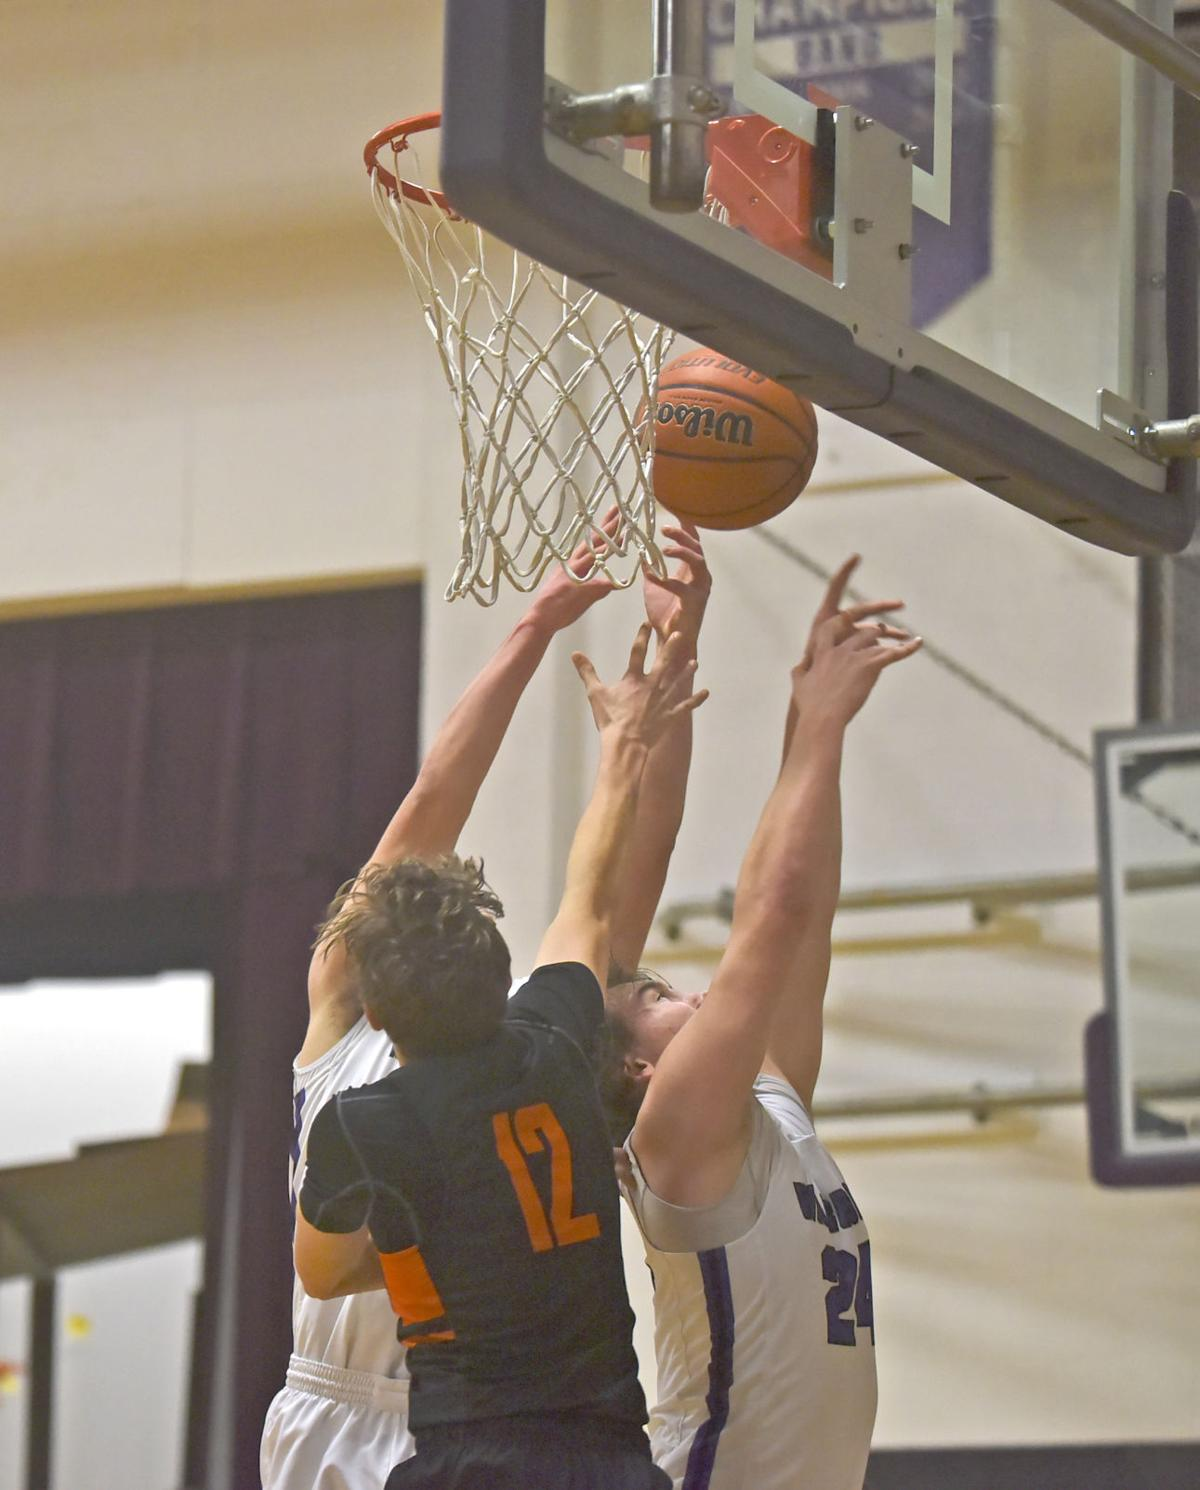 Warrenton player battle for a rebound